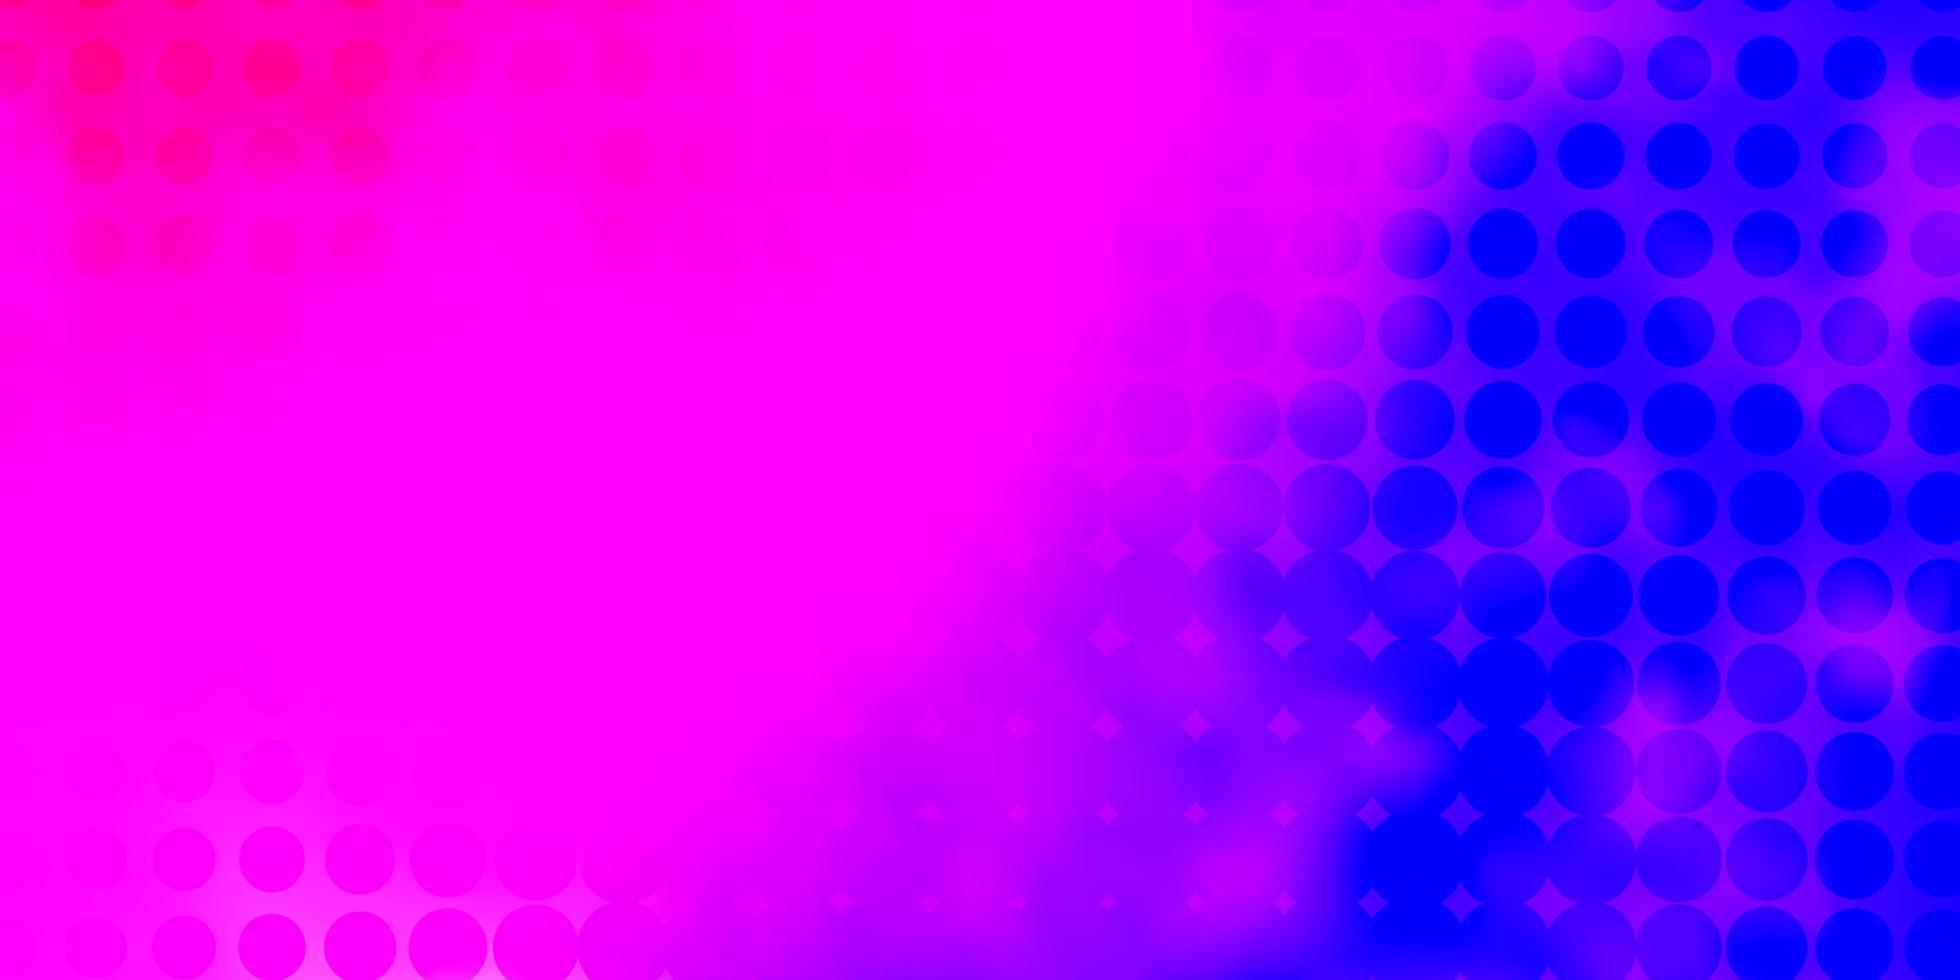 hellrosa, blauer Vektorhintergrund mit Flecken. vektor